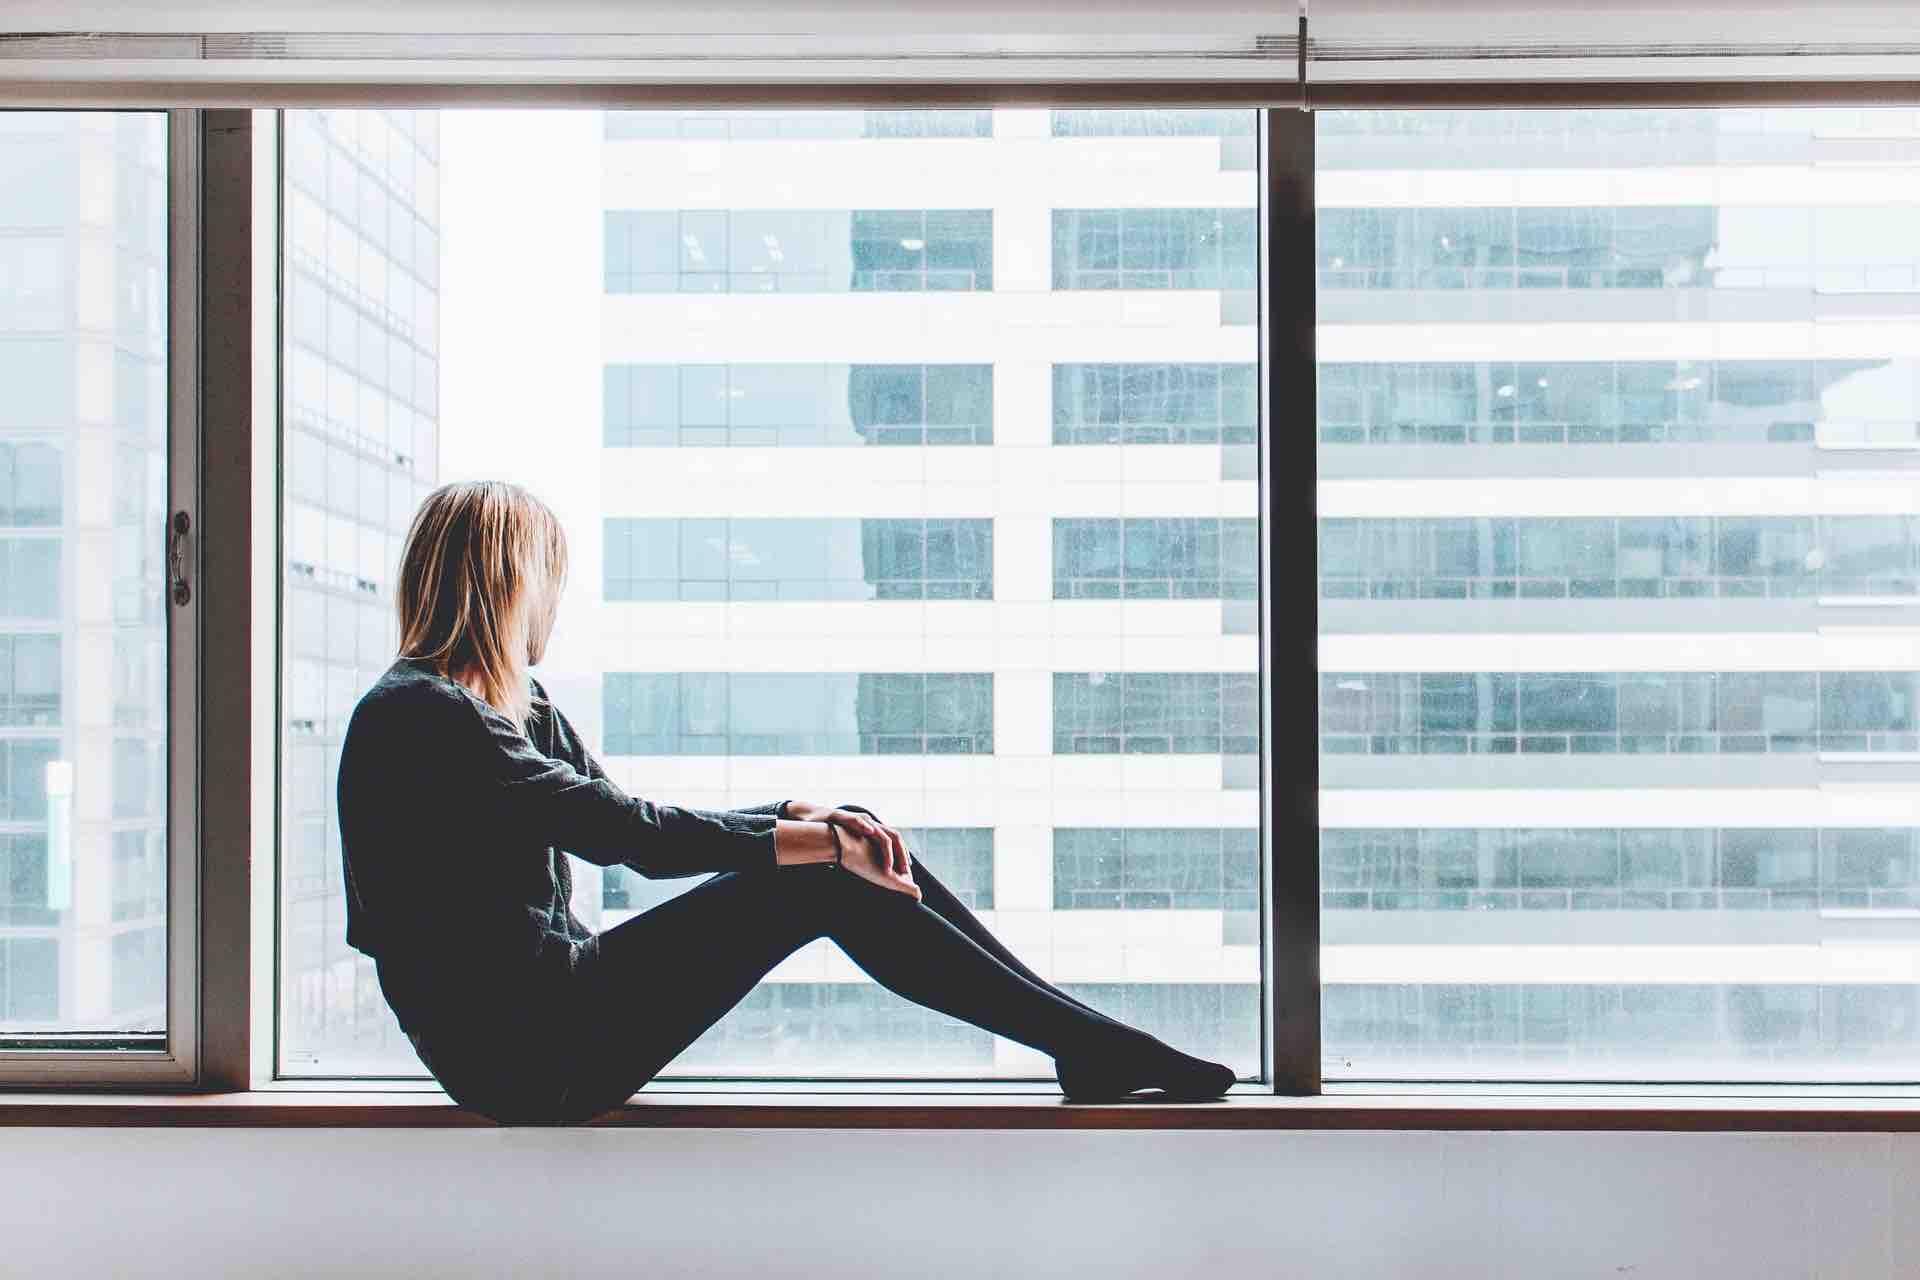 femme fenêtre contemplation immeuble